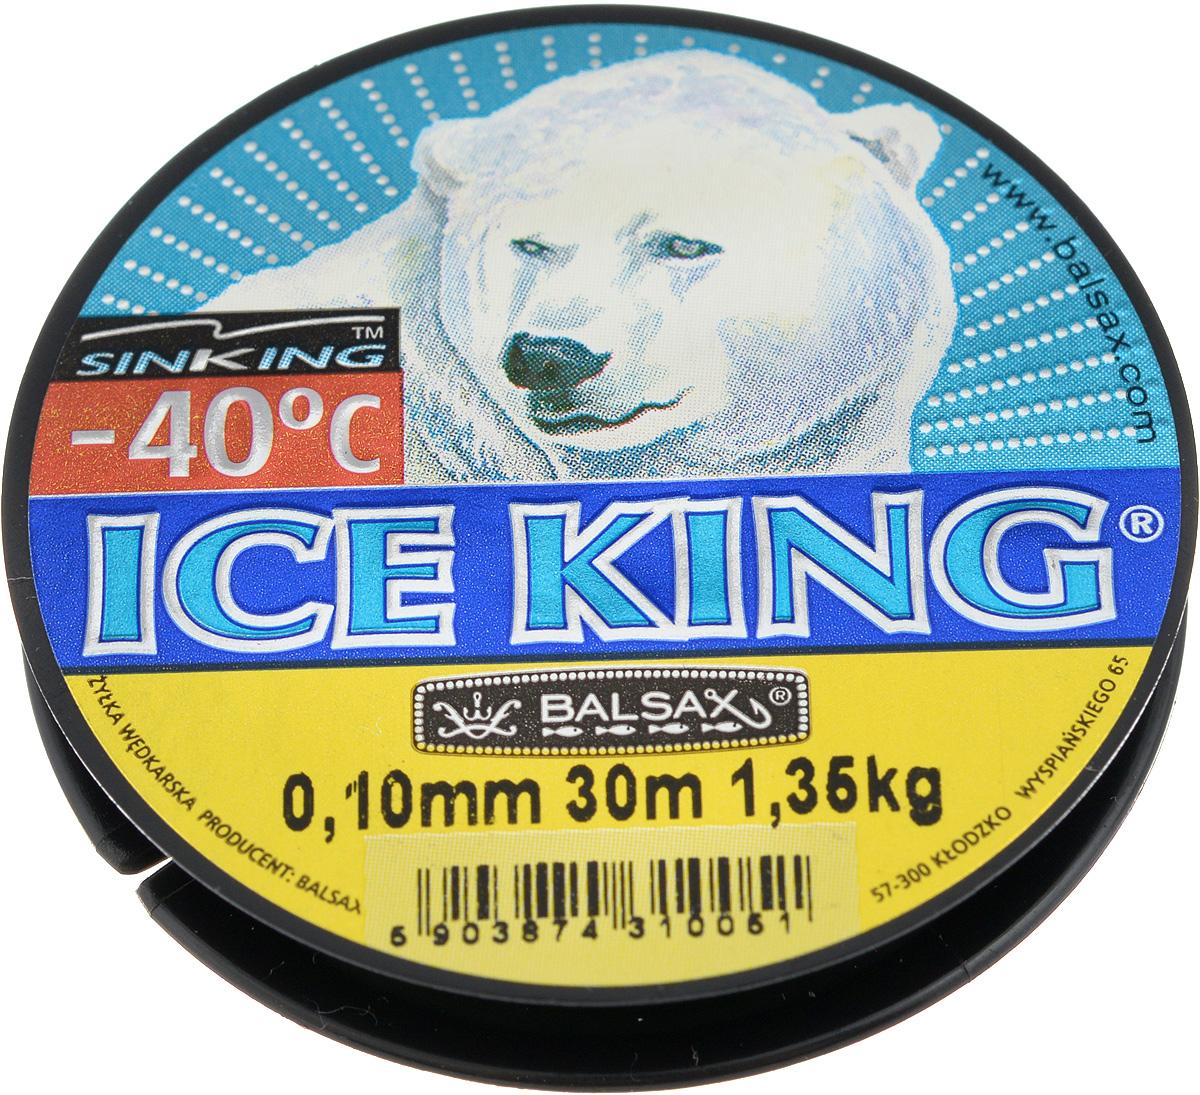 Леска зимняя Balsax Ice King, 30 м, 0,10 мм, 1,35 кг1232695Леска Balsax Ice King изготовлена из 100% нейлона и очень хорошо выдерживает низкие температуры. Даже в самом холодном климате, при температуре вплоть до -40°C, она сохраняет свои свойства практически без изменений, в то время как традиционные лески становятся менее эластичными и теряют прочность.Поверхность лески обработана таким образом, что она не обмерзает и отлично подходит для подледного лова. Прочна в местах вязки узлов даже при минимальном диаметре.